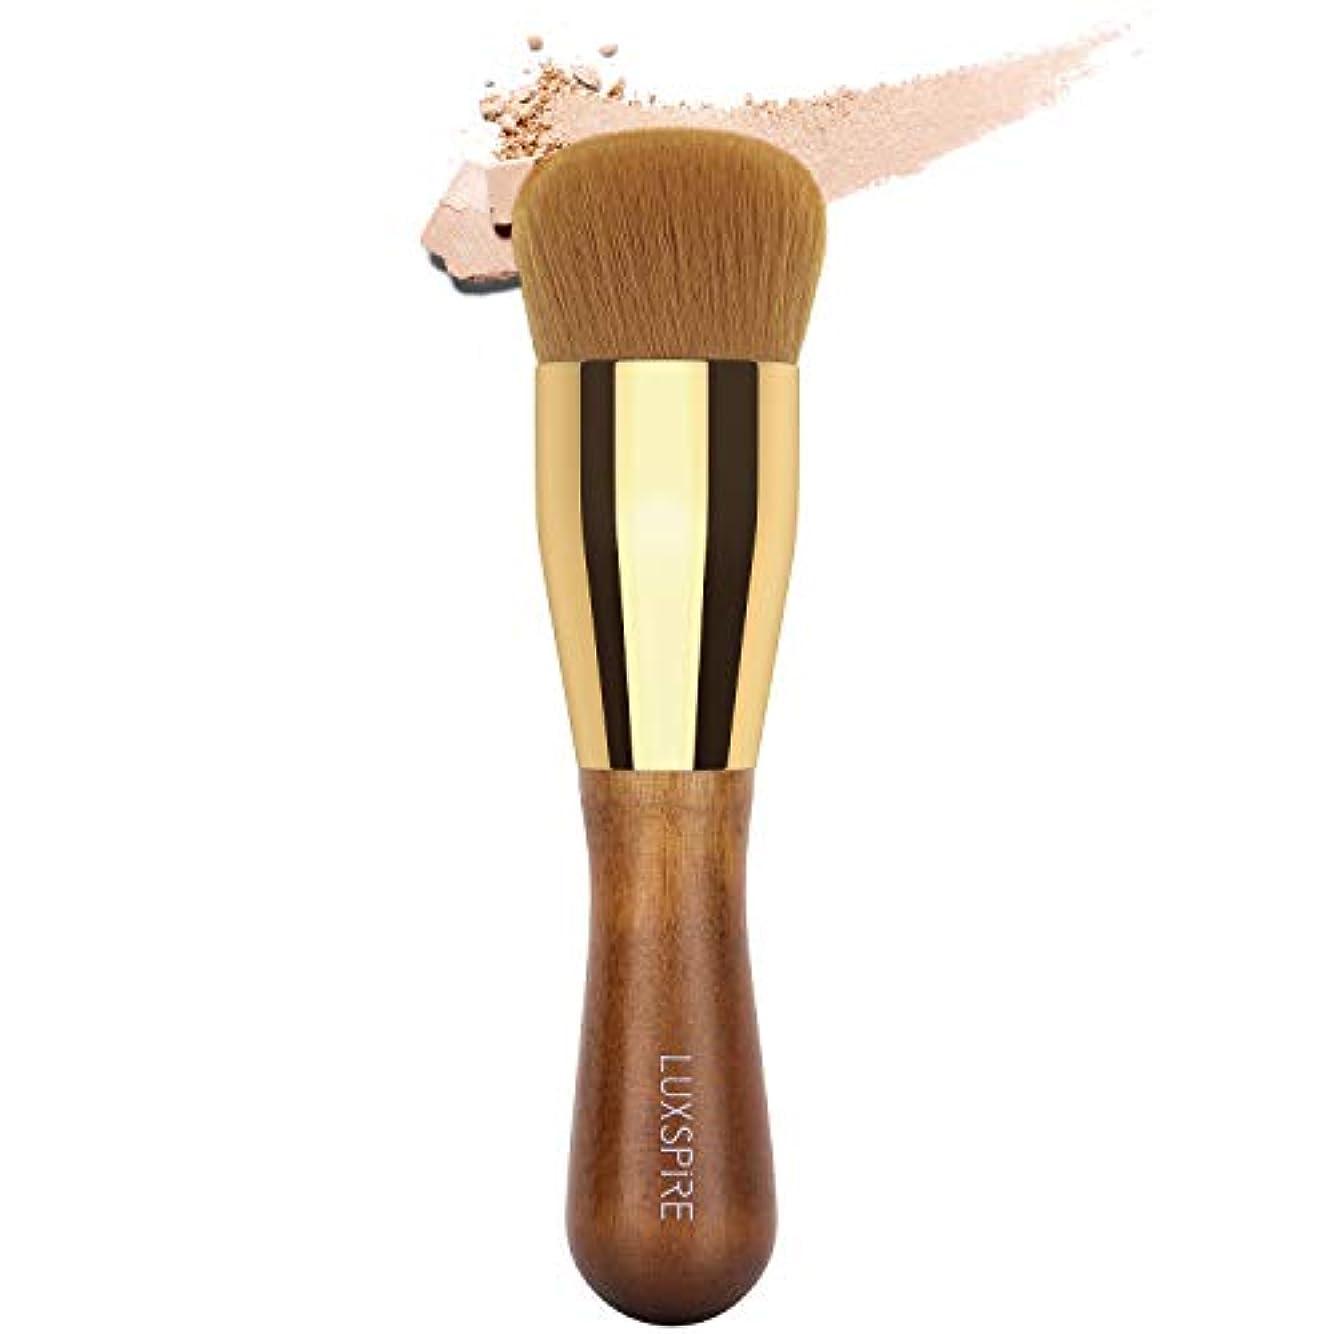 出席するぼんやりした教えてLuxspire メイクブラシ ファンデーションブラシ 化粧筆 木製ハンドル 繊維毛 旅行出張用 多機能 超柔らかい ふわふわ 肌色